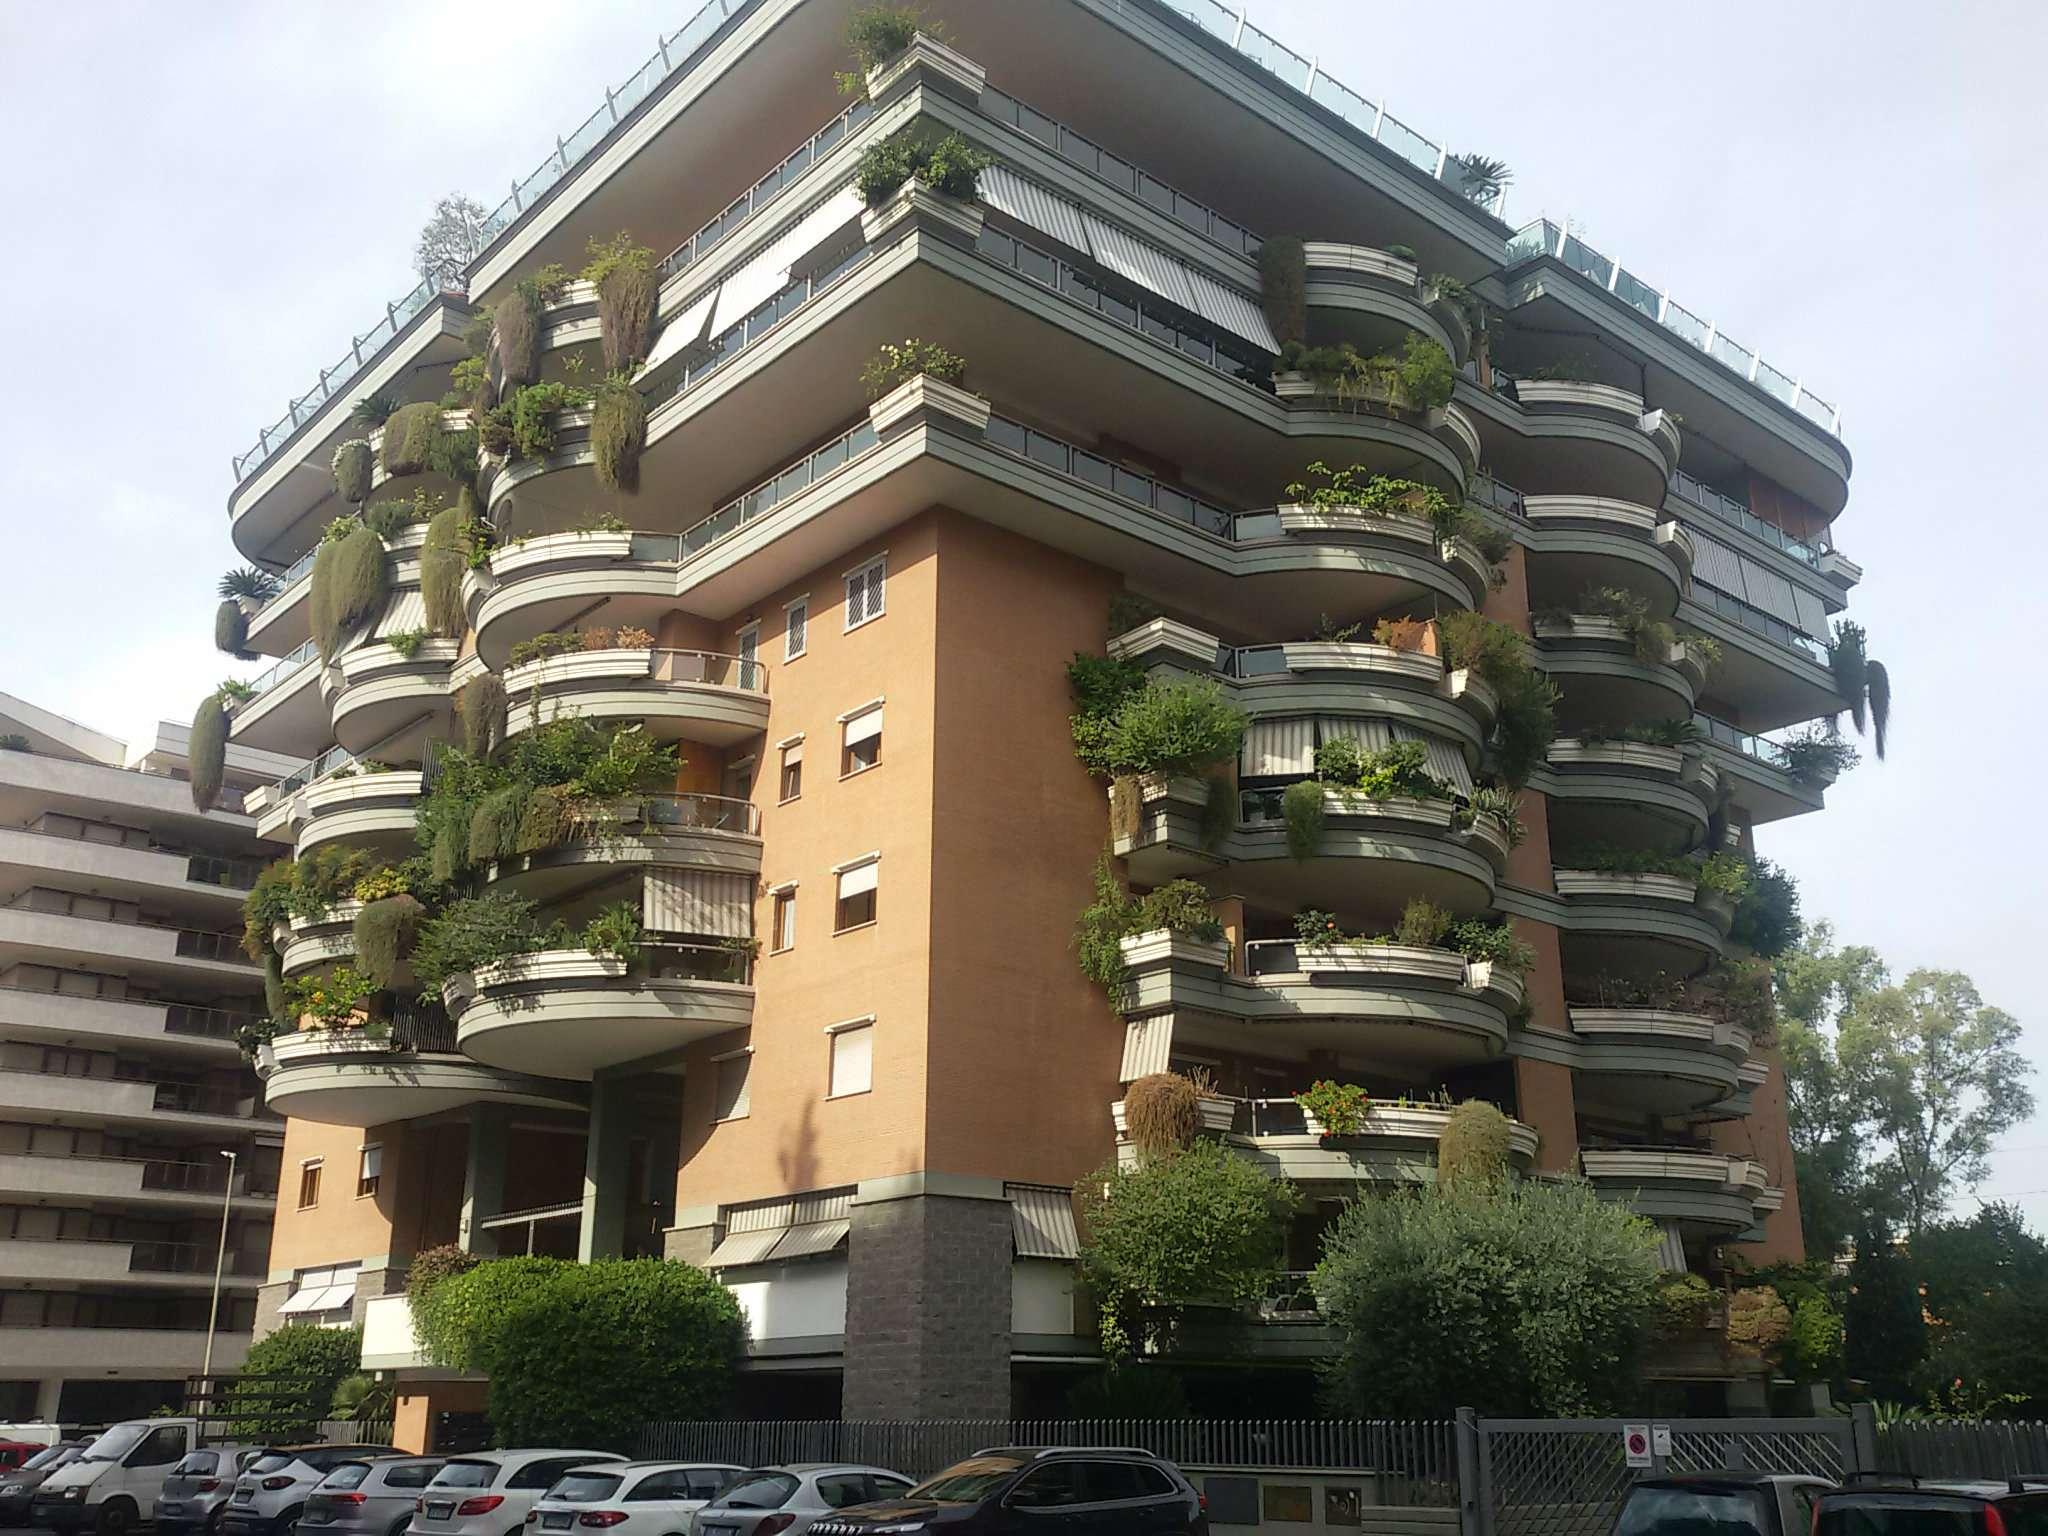 Appartamento in vendita roma via amsterdam - Agenzie immobiliari amsterdam ...